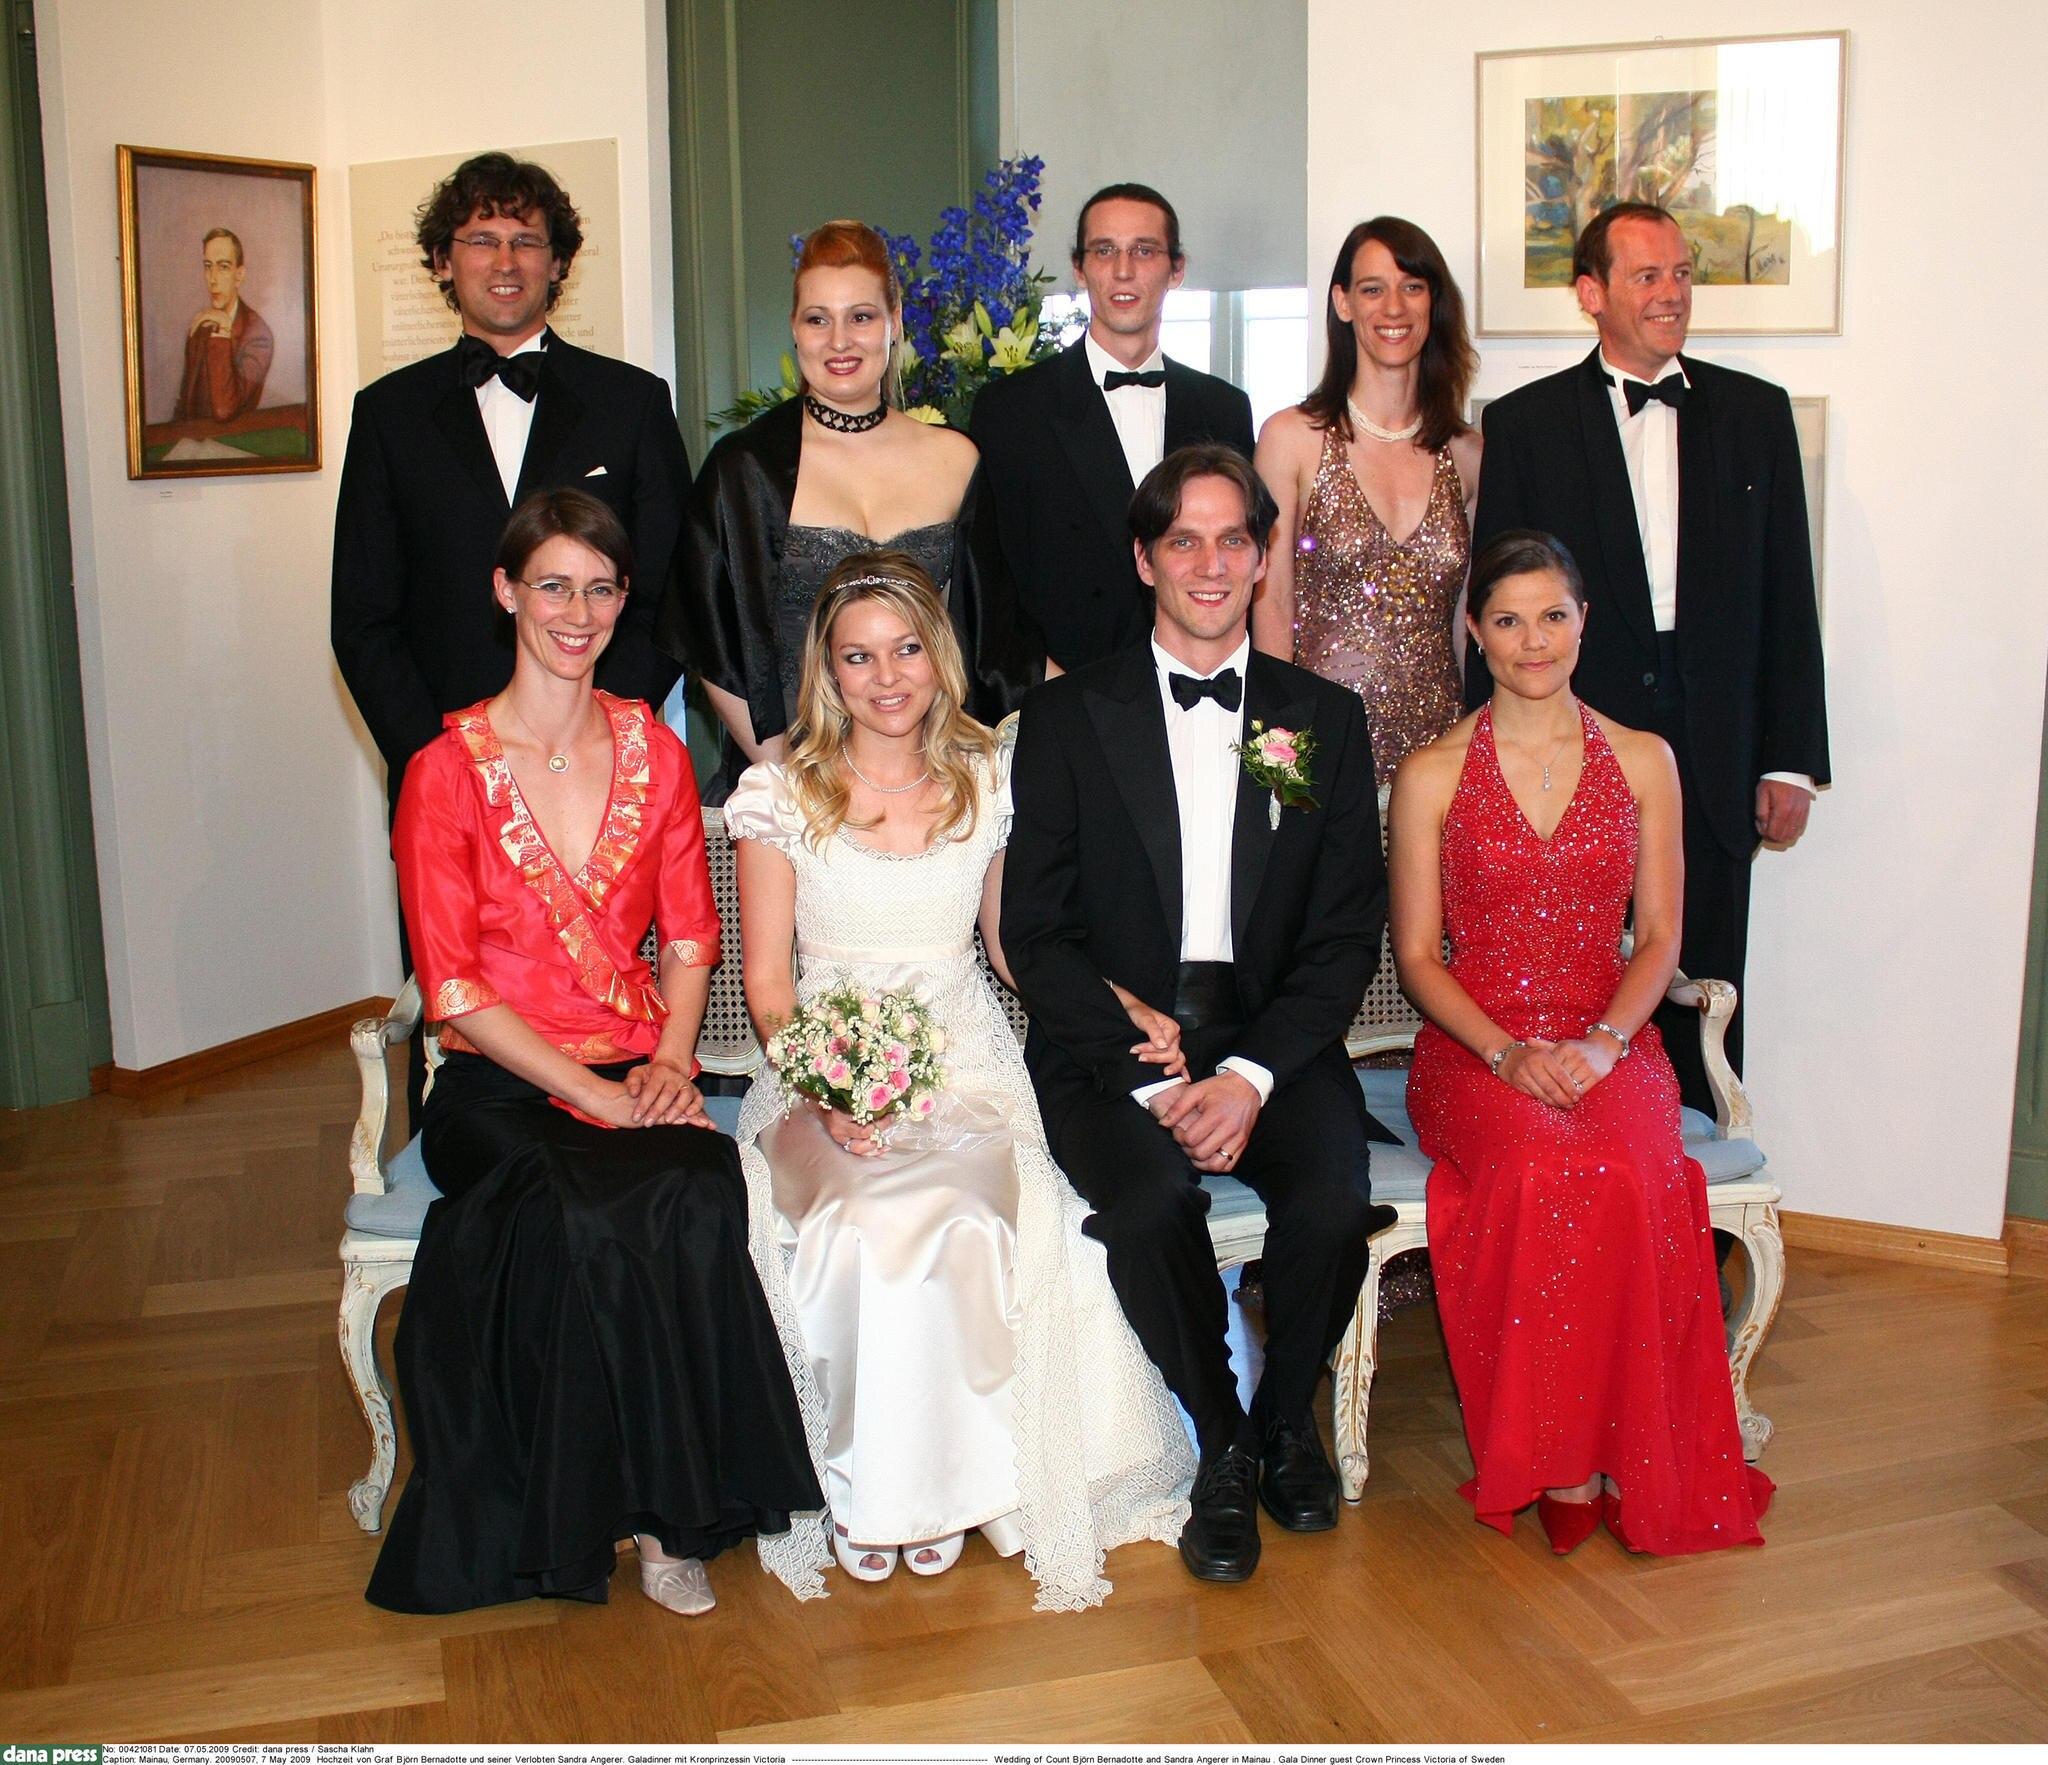 Das Hochzeitsfoto von Björn Graf Bernadotte und Sandra Gräfin Bernadotte mit Prinzessin Victoria.